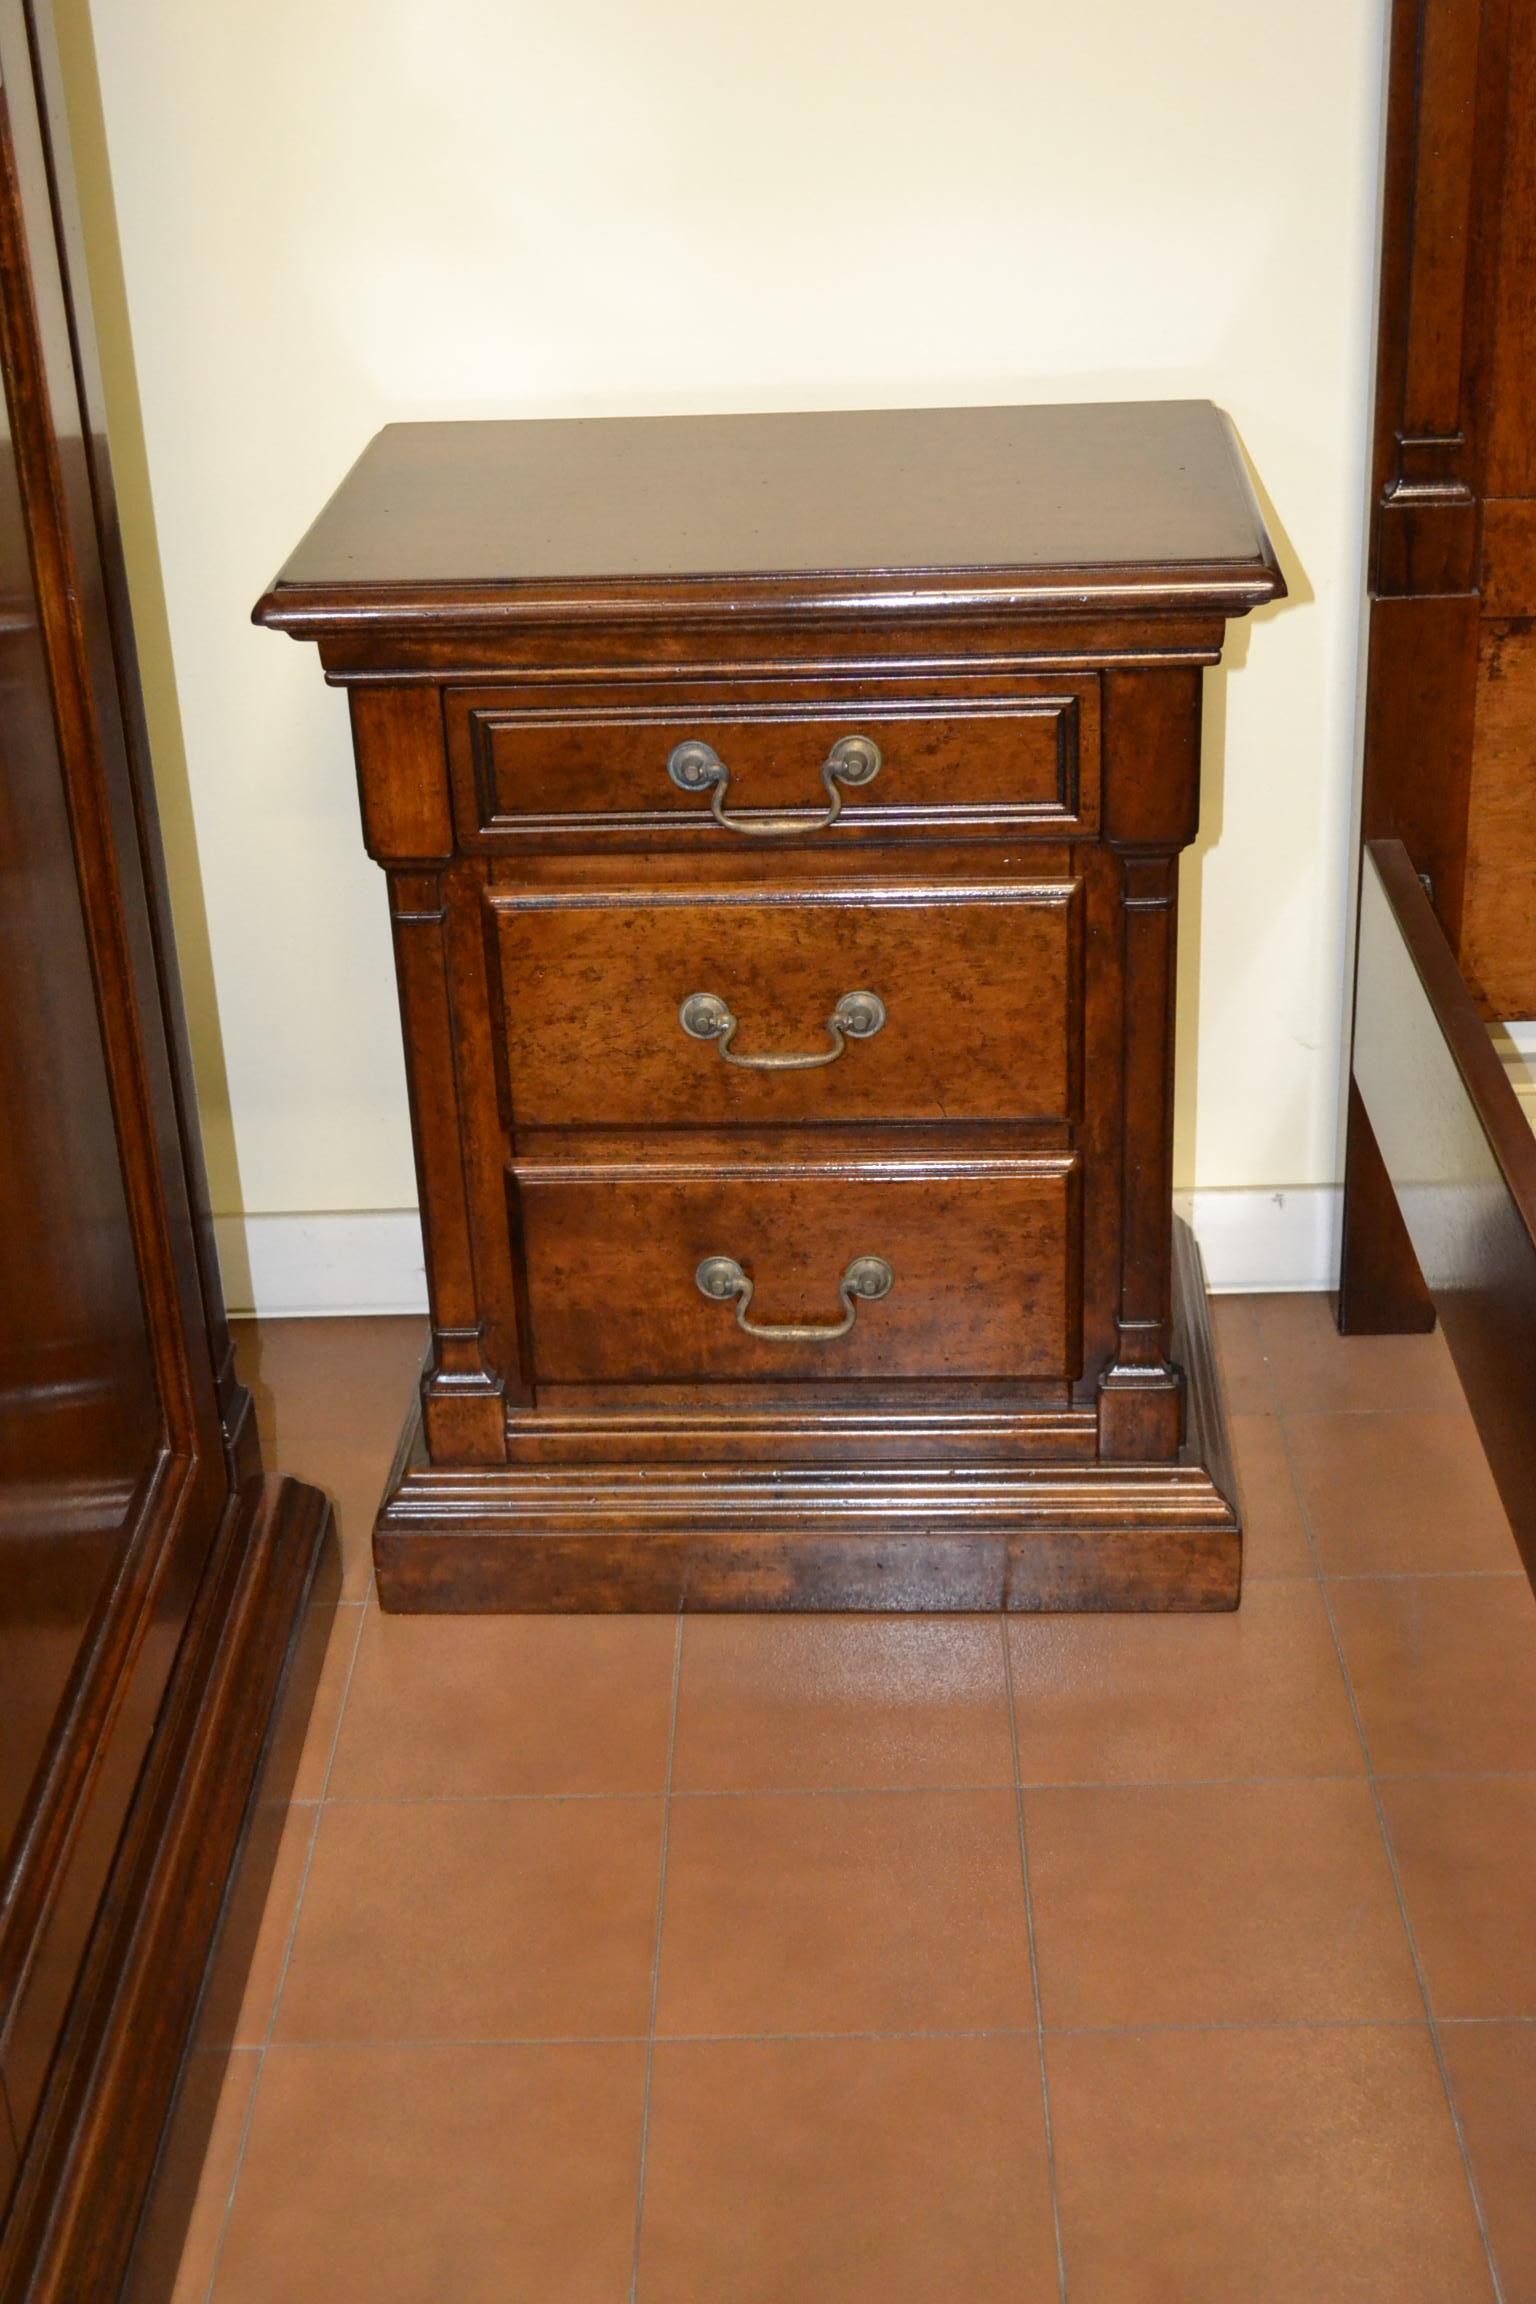 Gruppo di com e comodini con specchio livio bernardi mobili mobili d 39 arte artigianali in legno - Comodini a specchio ...